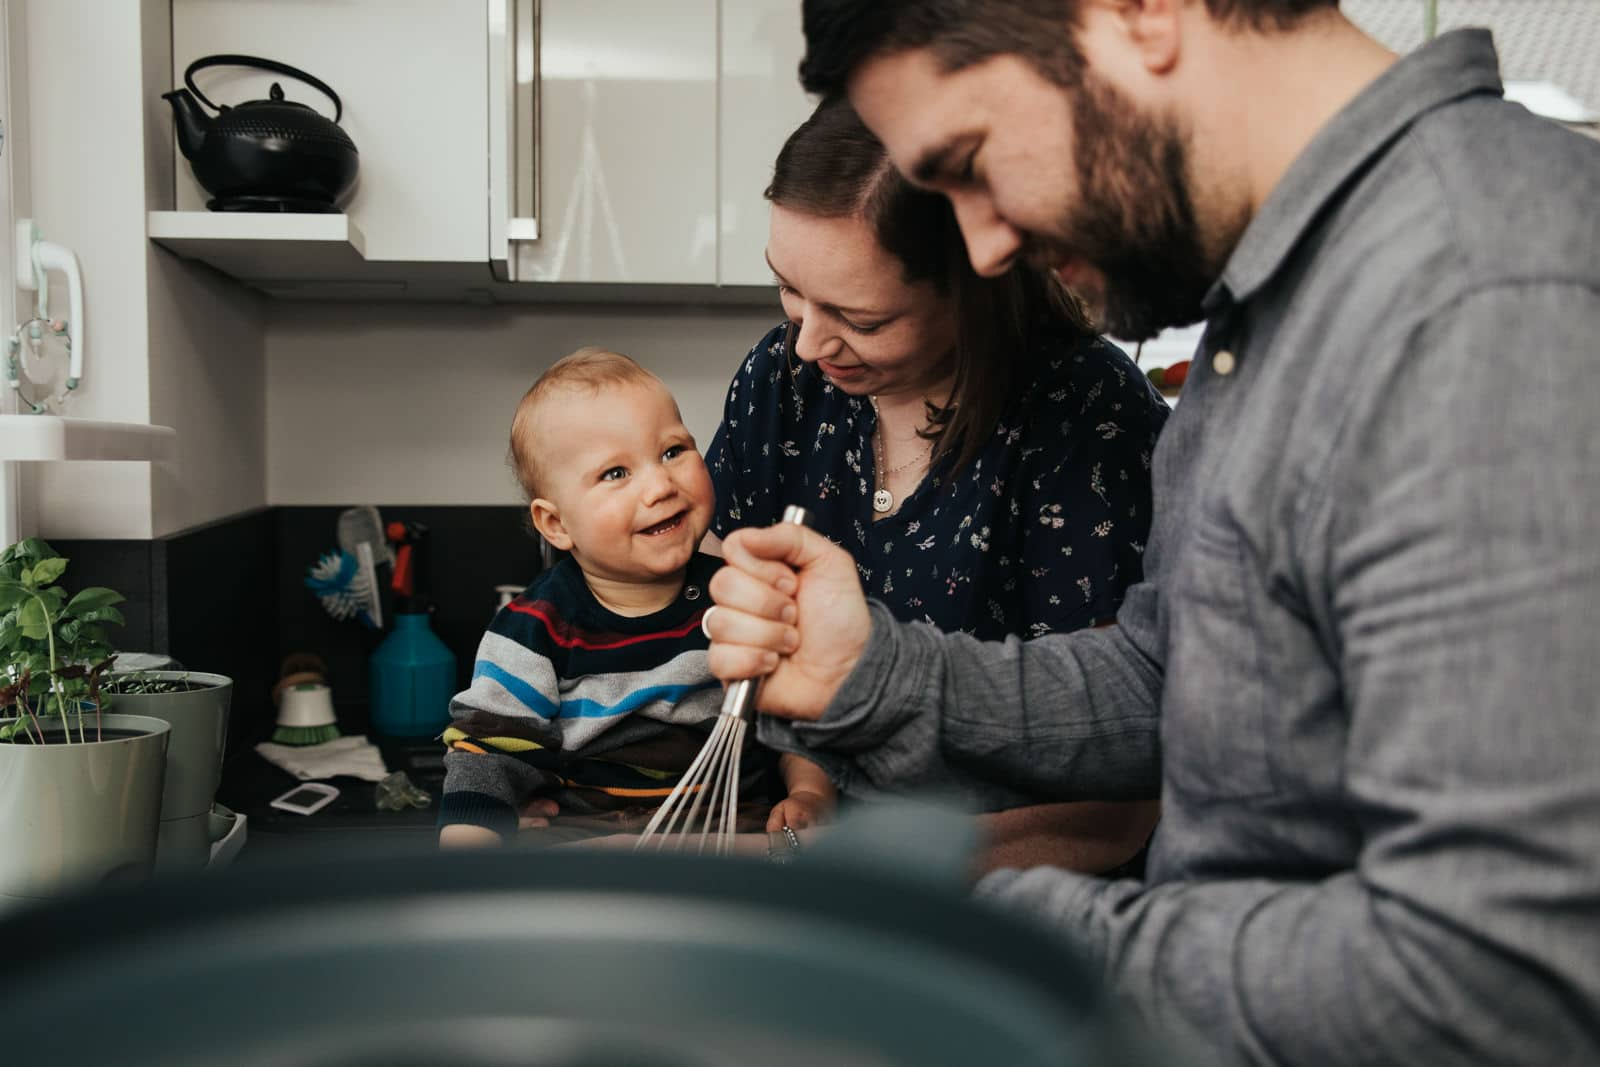 Eine Familie zu dritt ist in der Küche und backt zusammen während der kleine Junge freudig lacht.